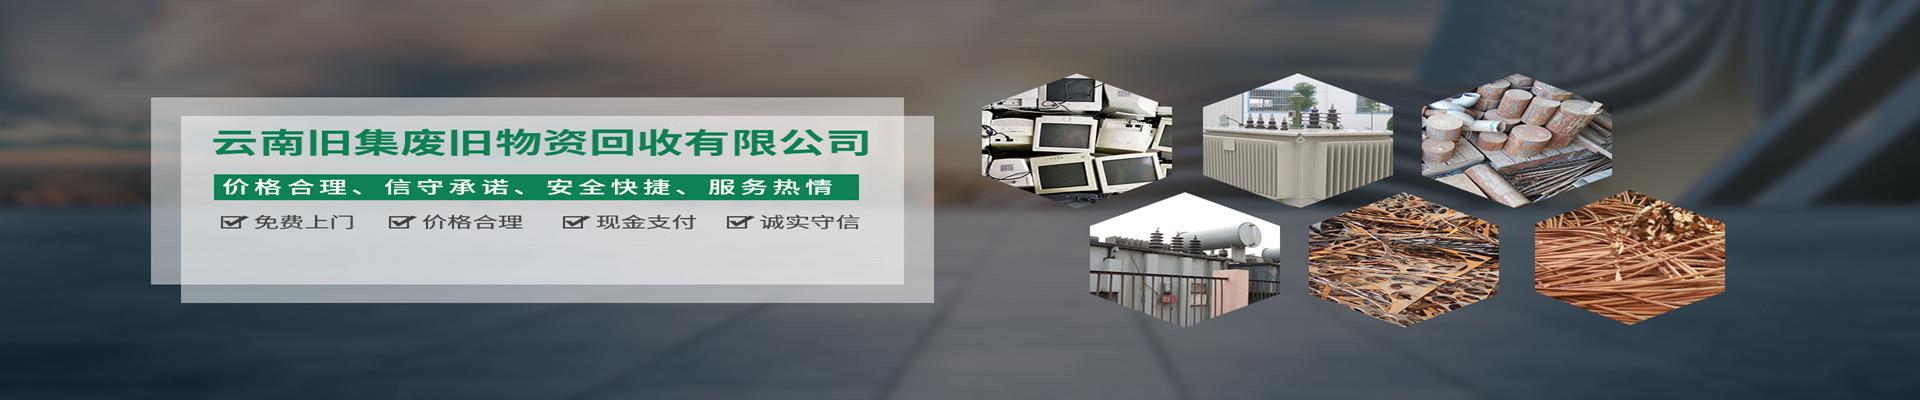 云南舊集廢舊物資回收有限公司公司介紹